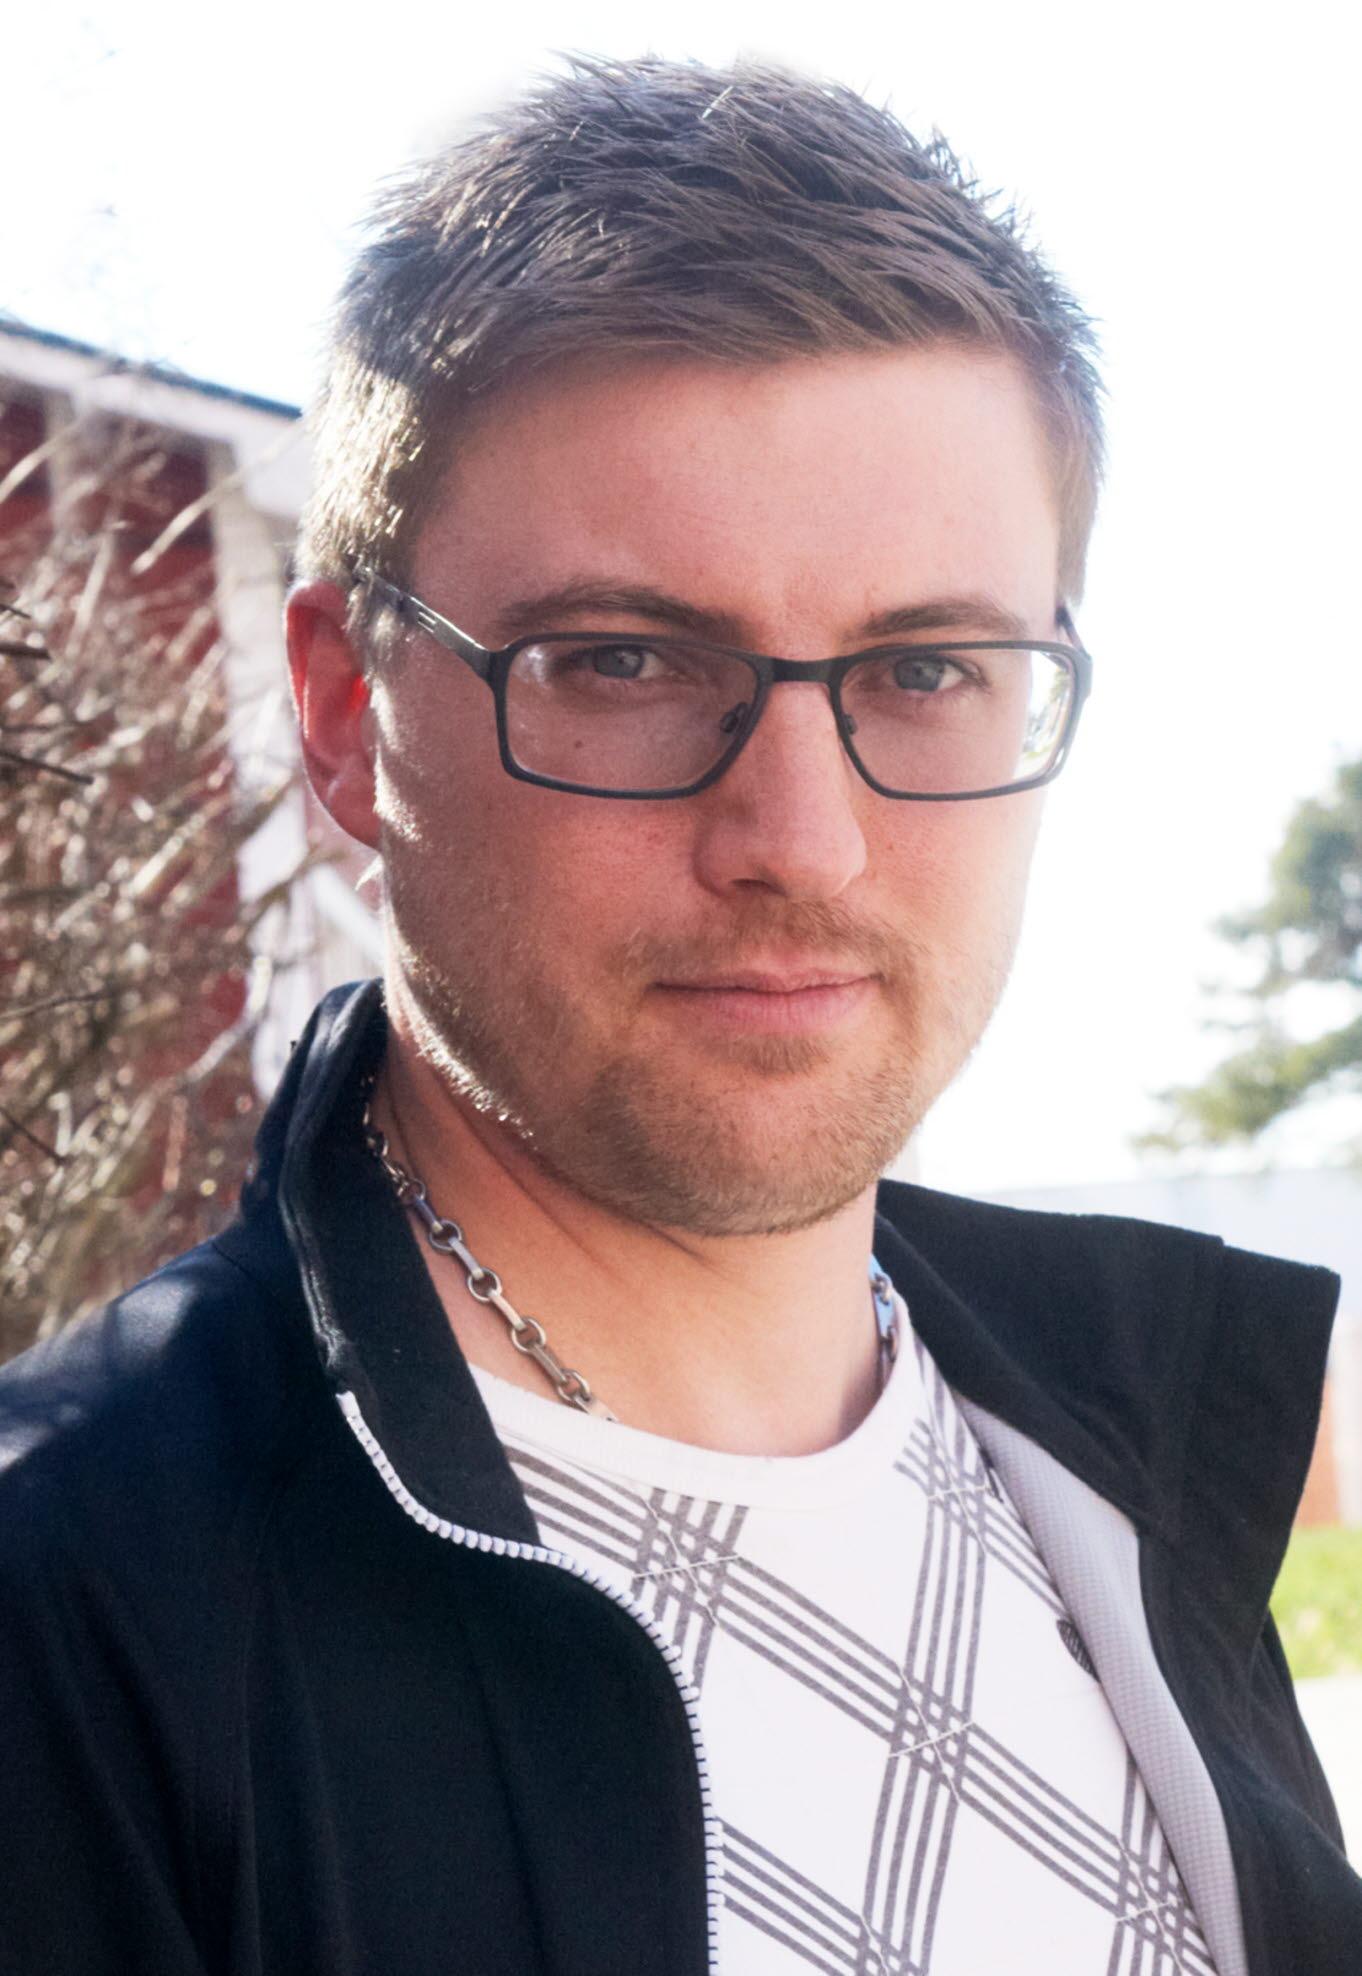 Stefan Lundkvist, Pappers ordförande vid Munksunds pappersbruk.